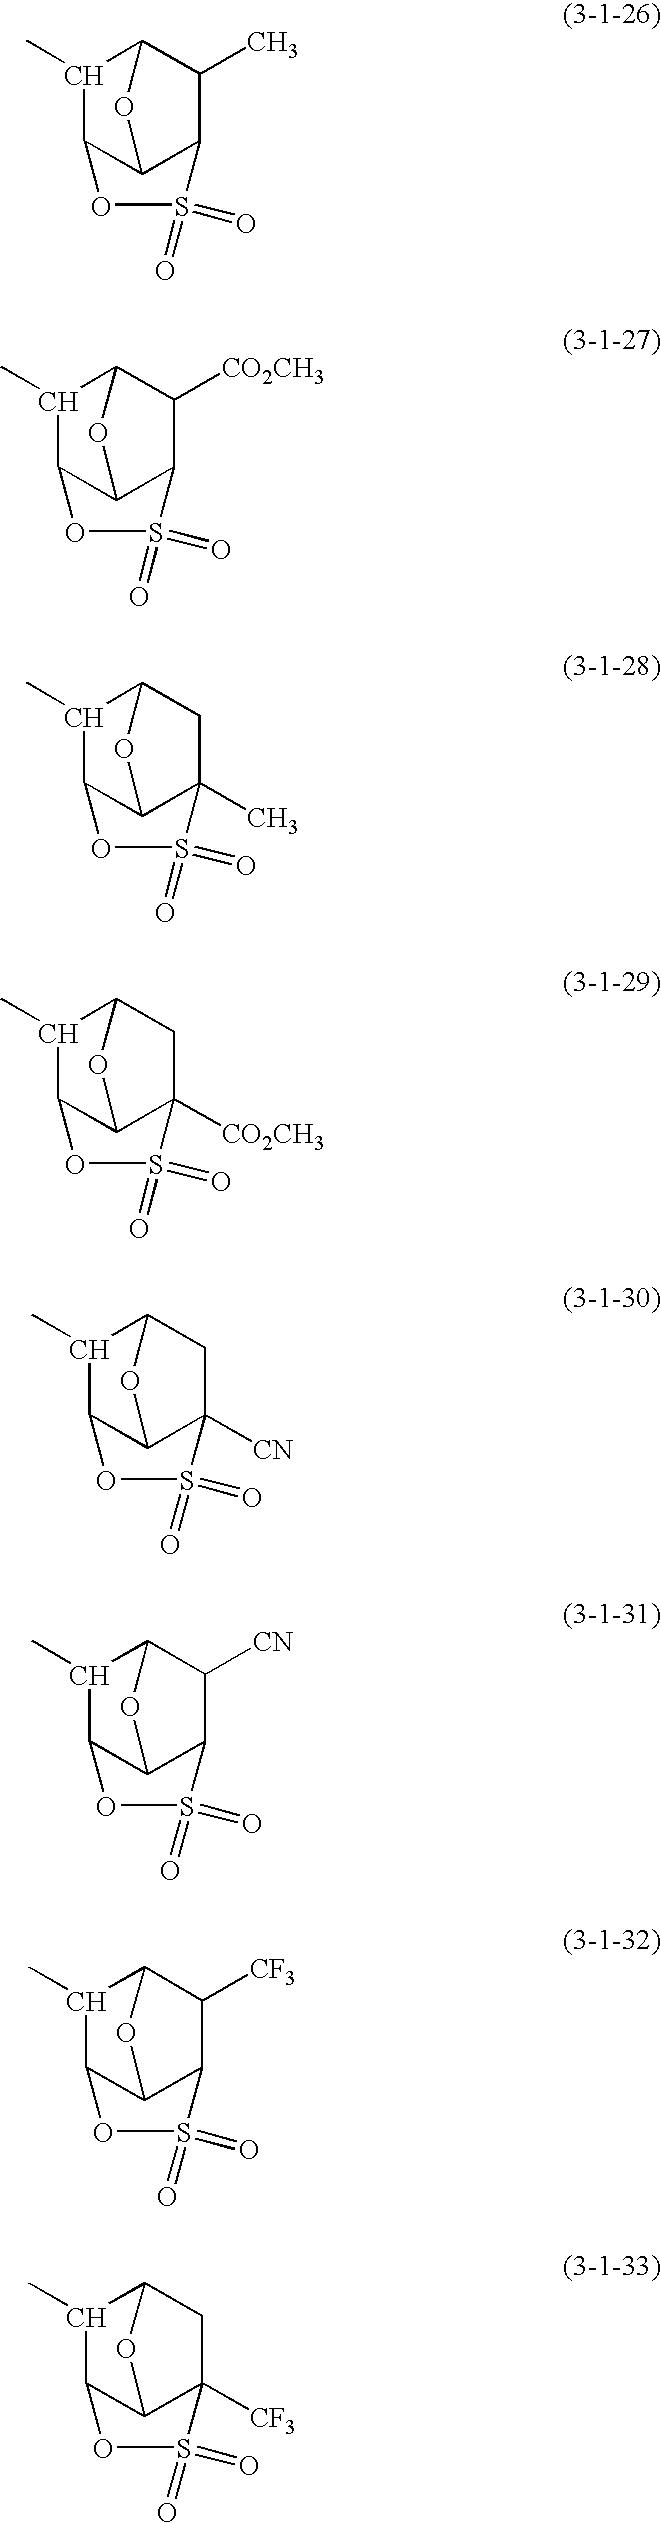 Figure US20100136480A1-20100603-C00009